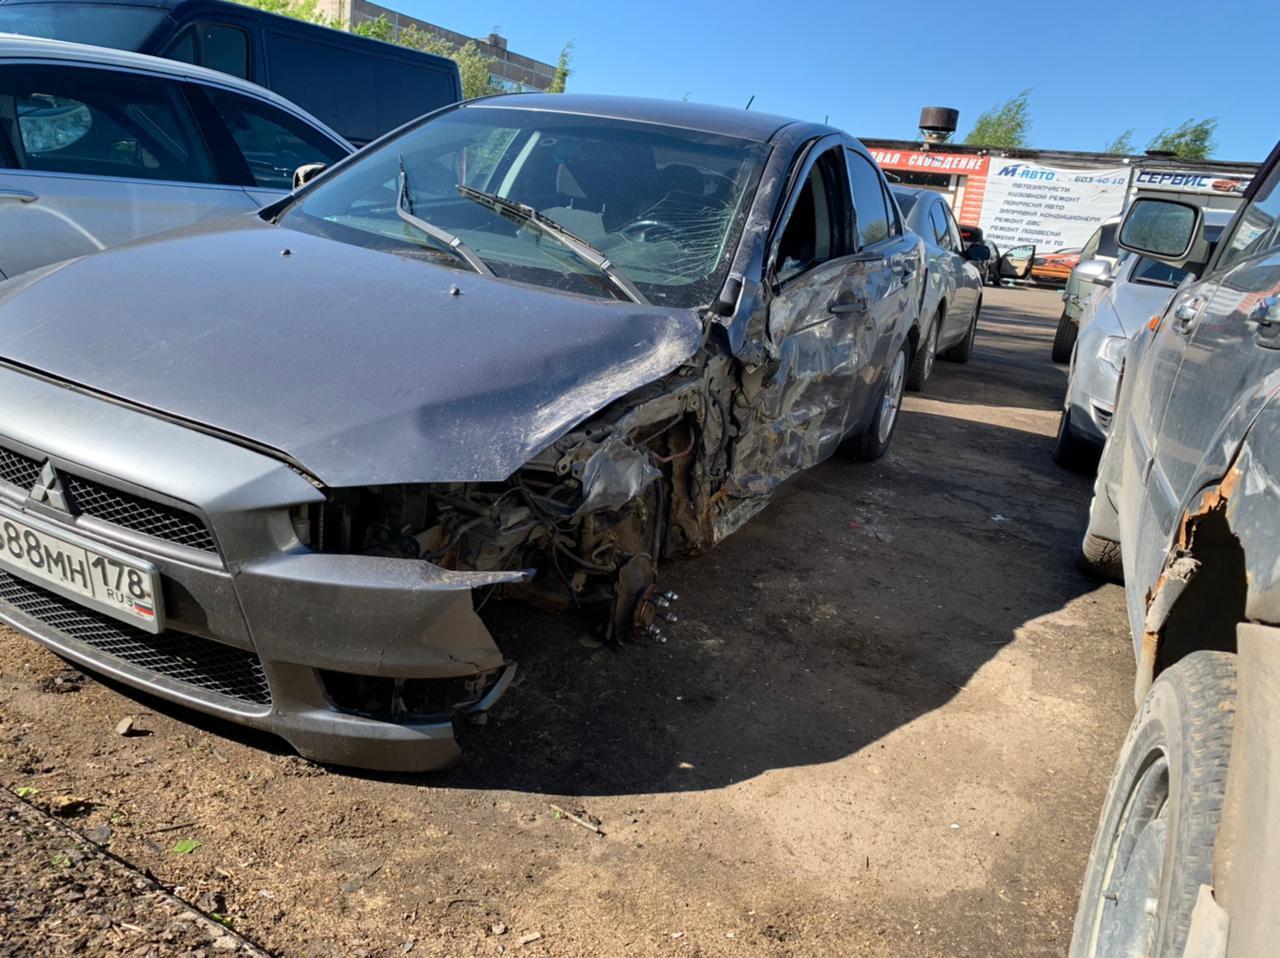 Ищу свидетелей аварии на 99 километре Приозерского шоссе 23 мая в 18-20 часов. Внедорожник Subaru п...